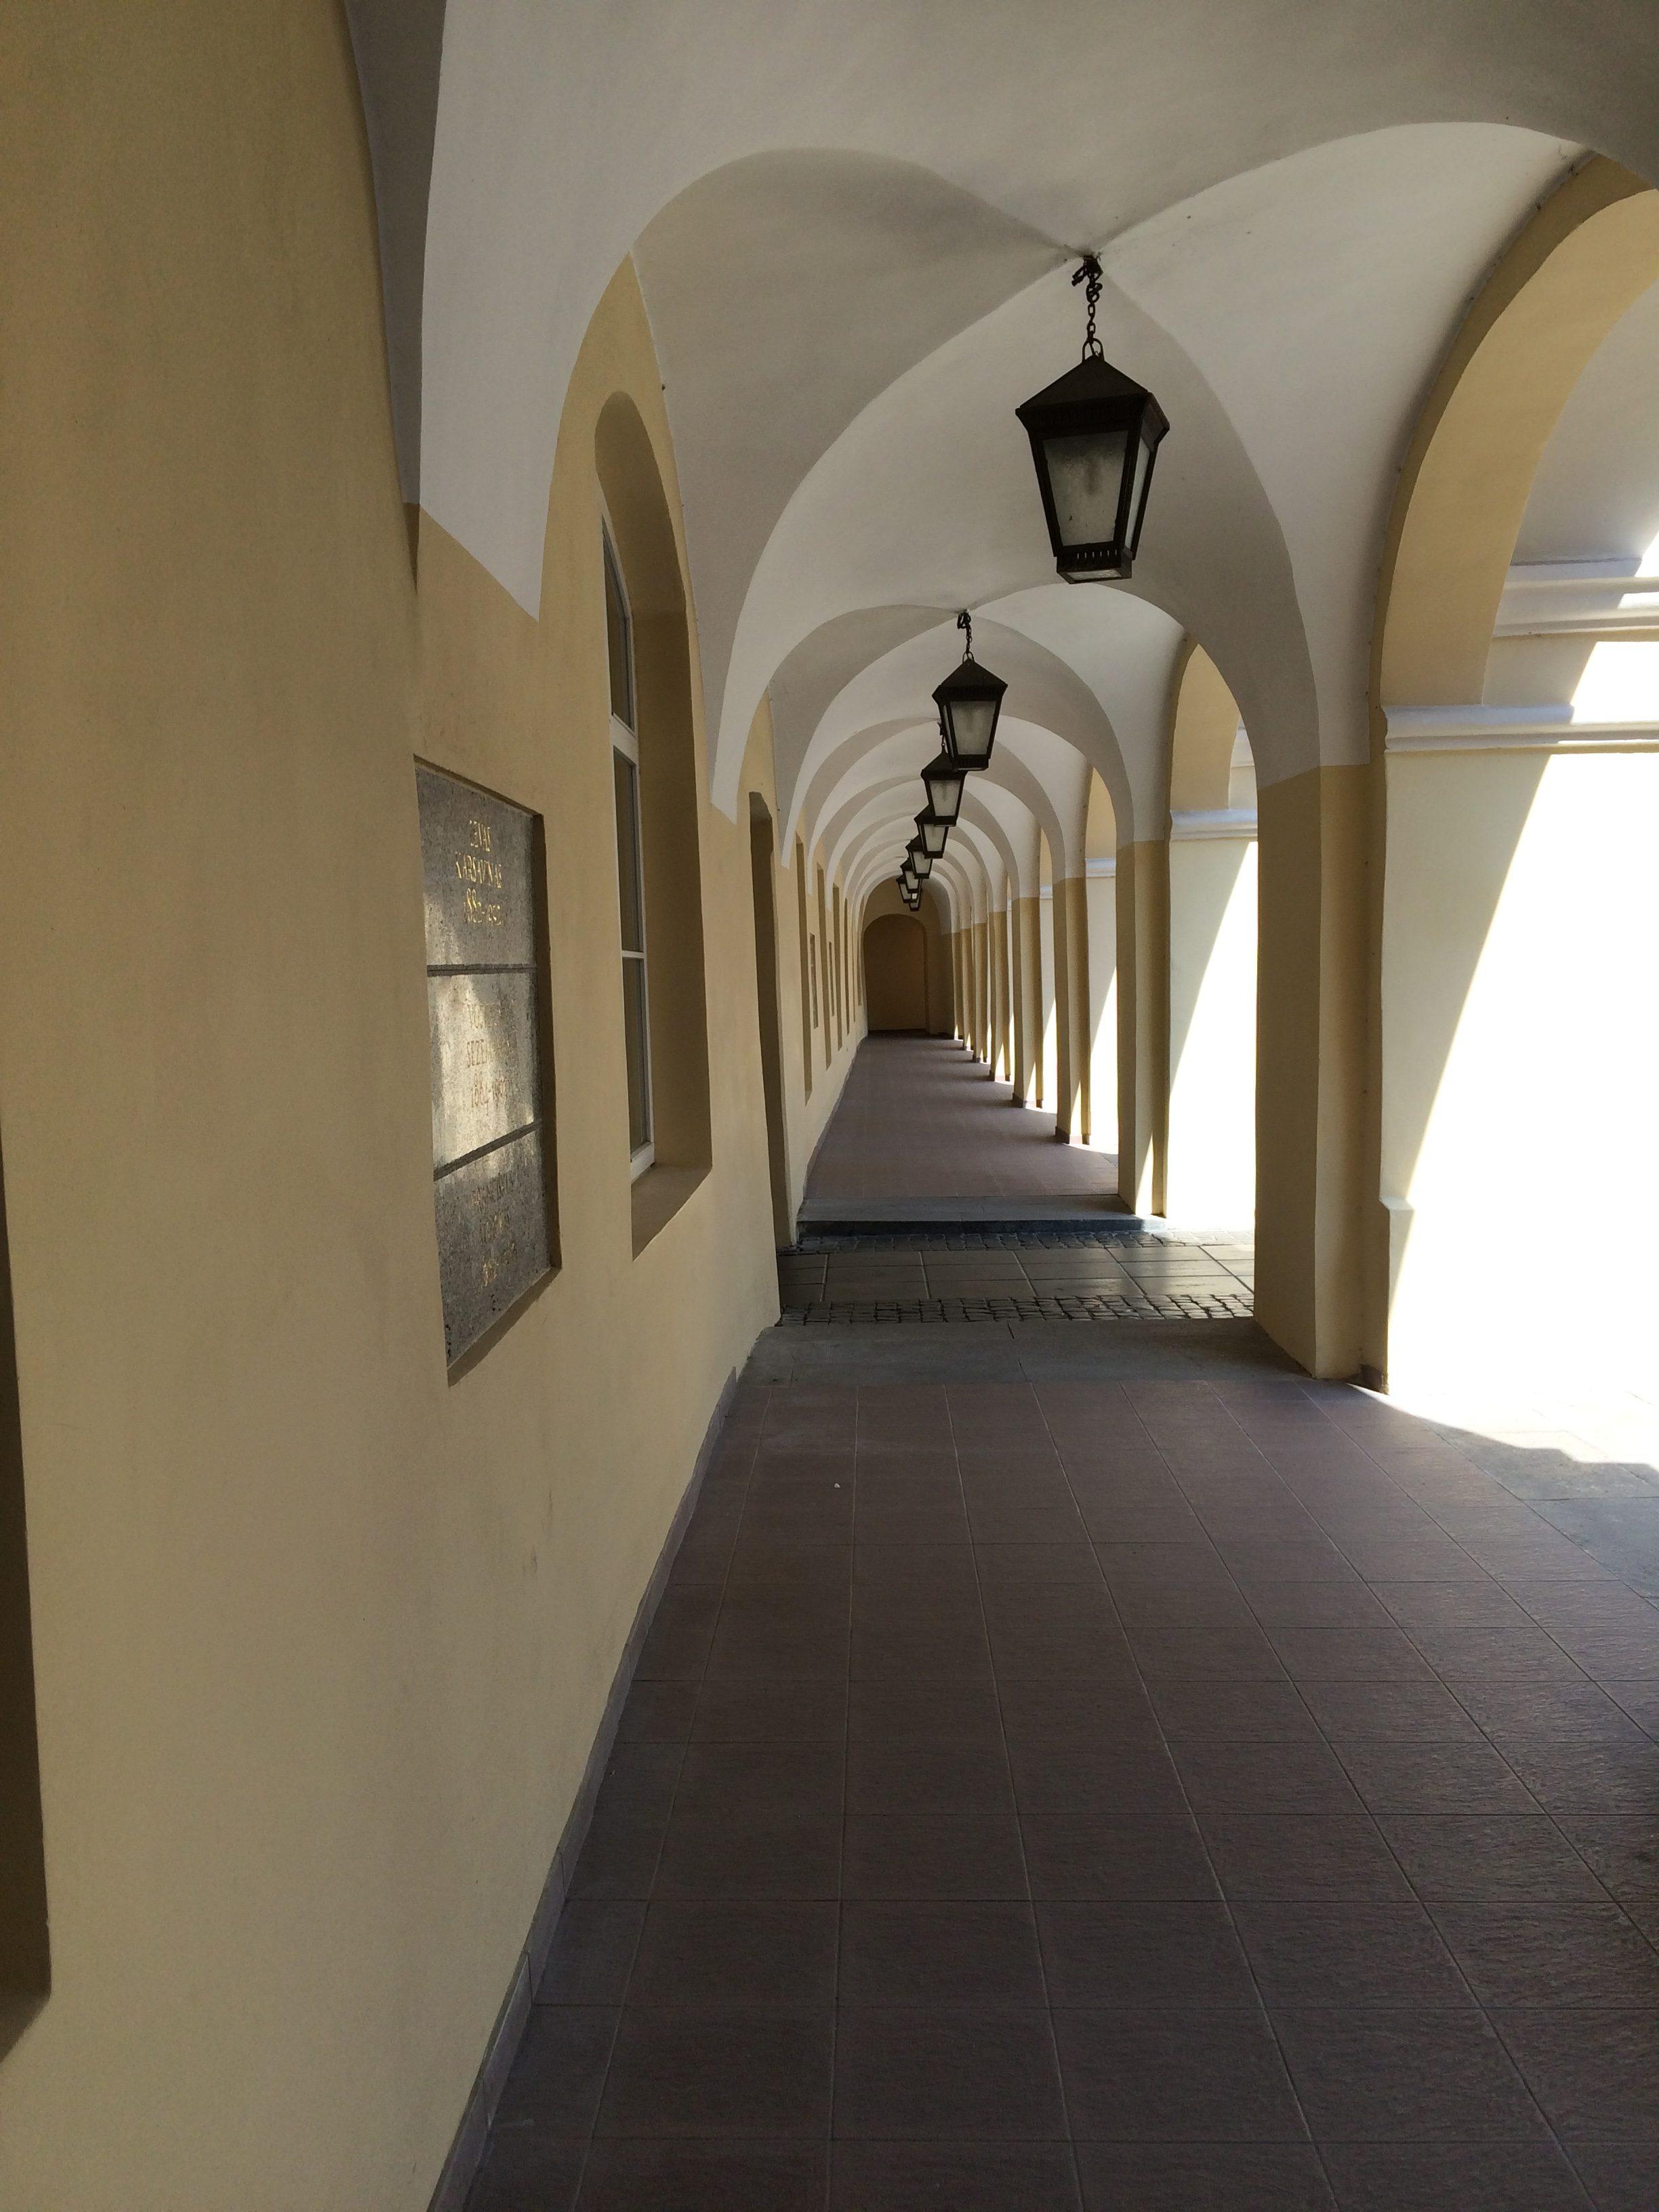 ヴィリニュス大学の廊下